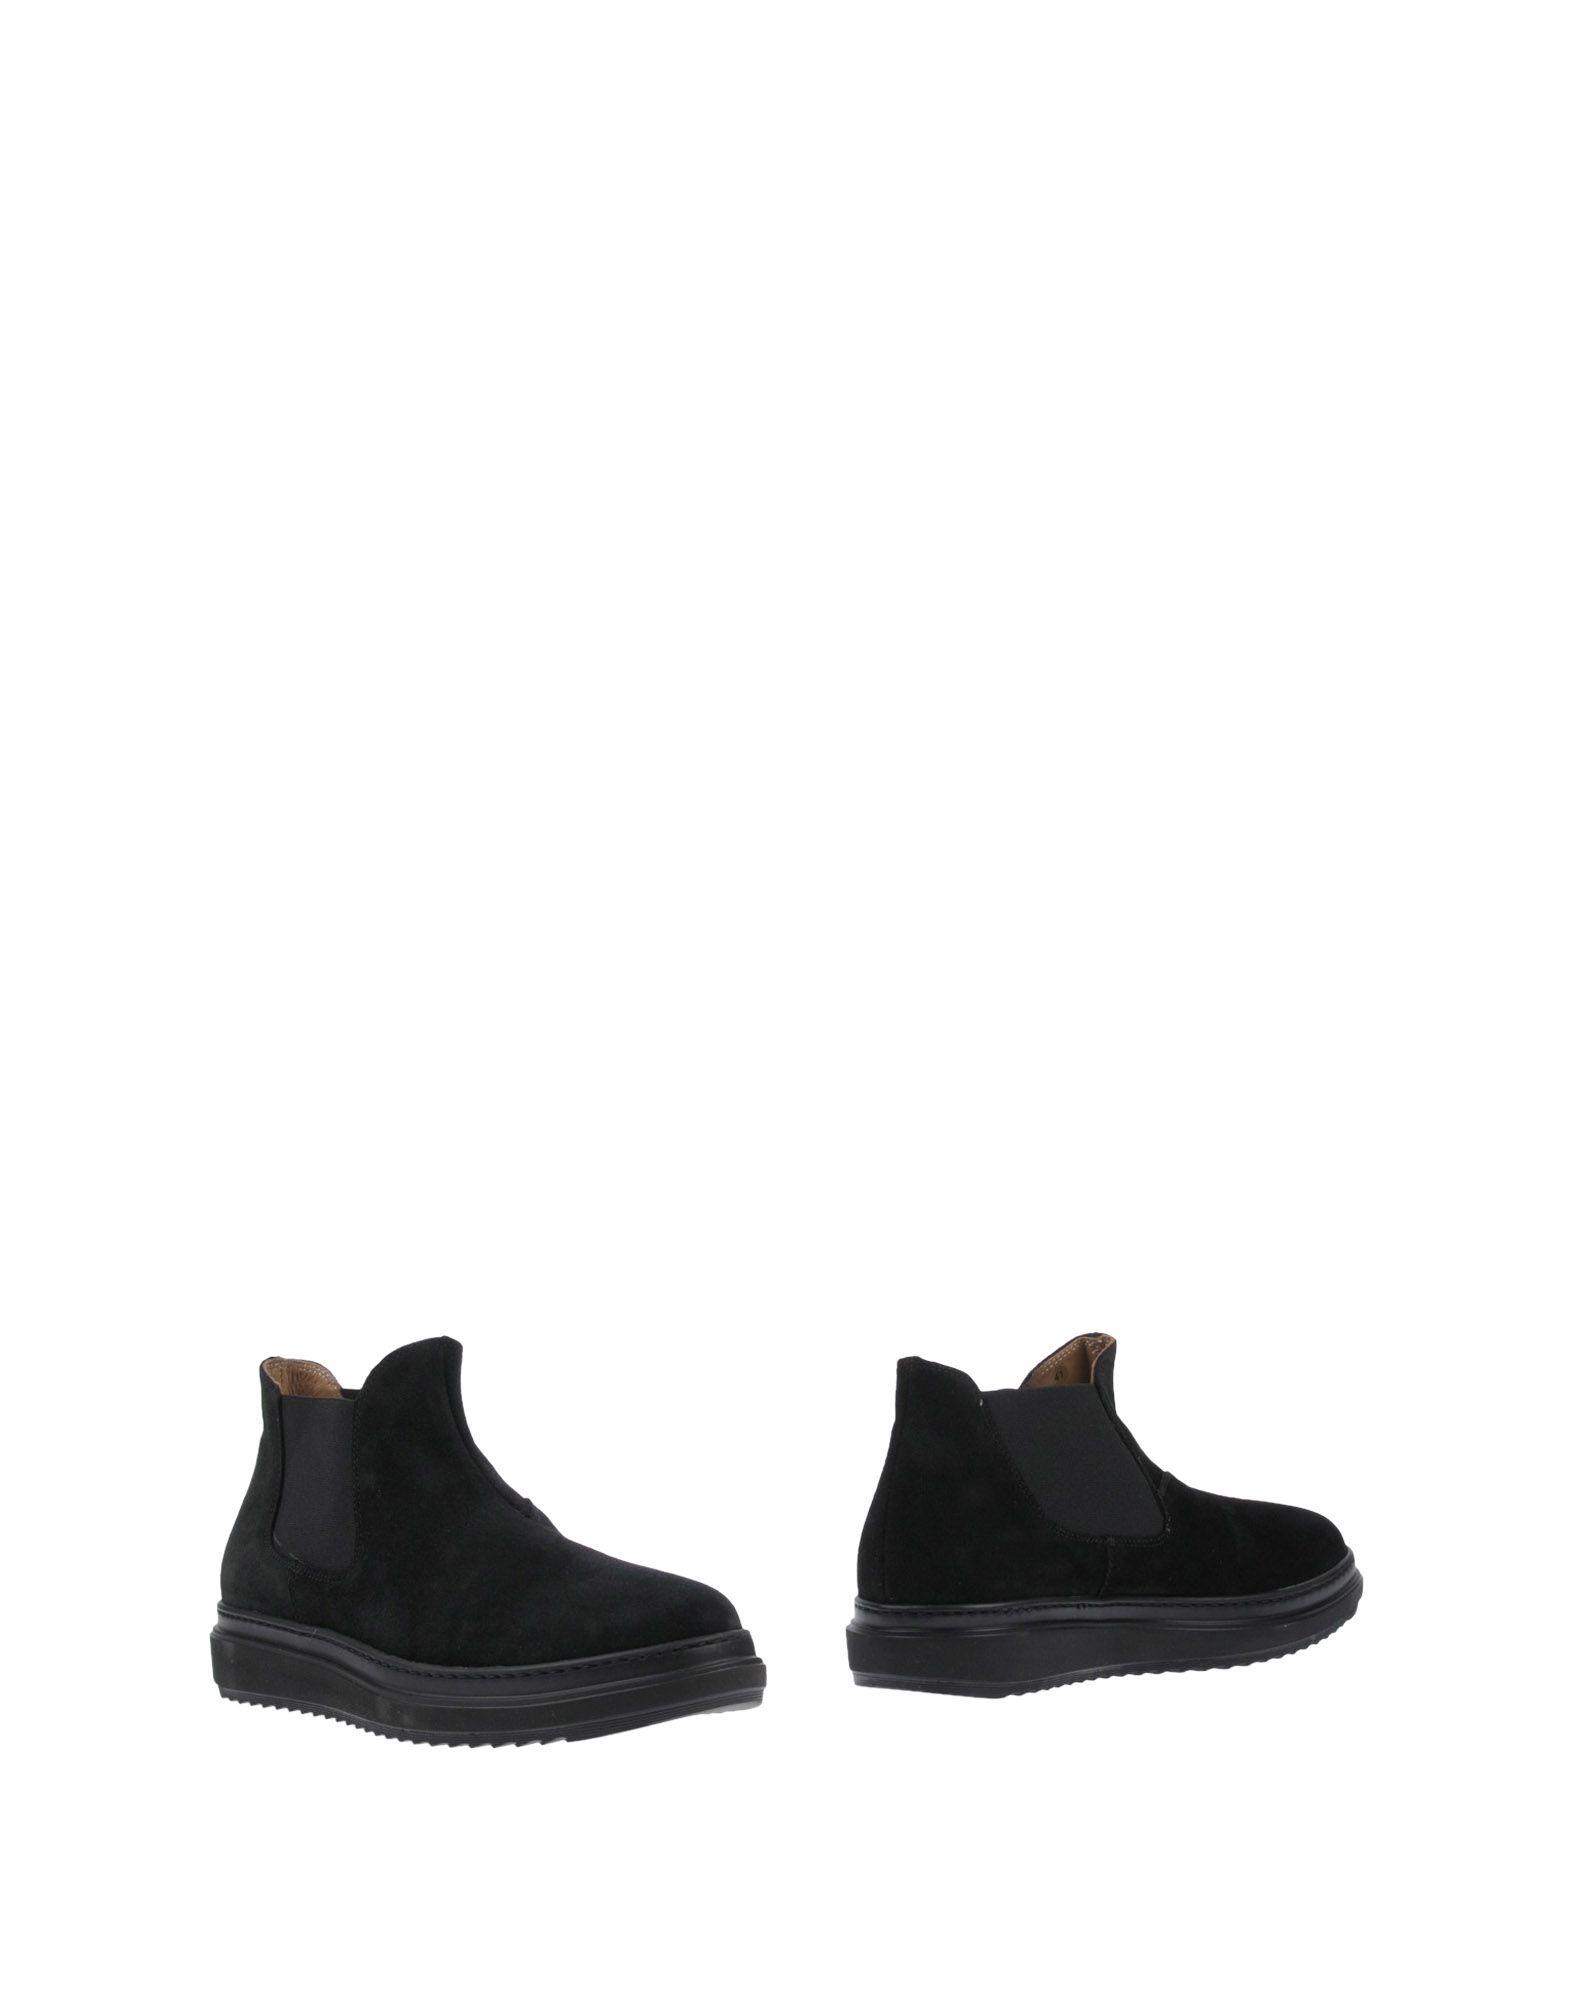 Angelo Pallotta Stiefelette Herren  11456179WH 11456179WH  Gute Qualität beliebte Schuhe 3d8521